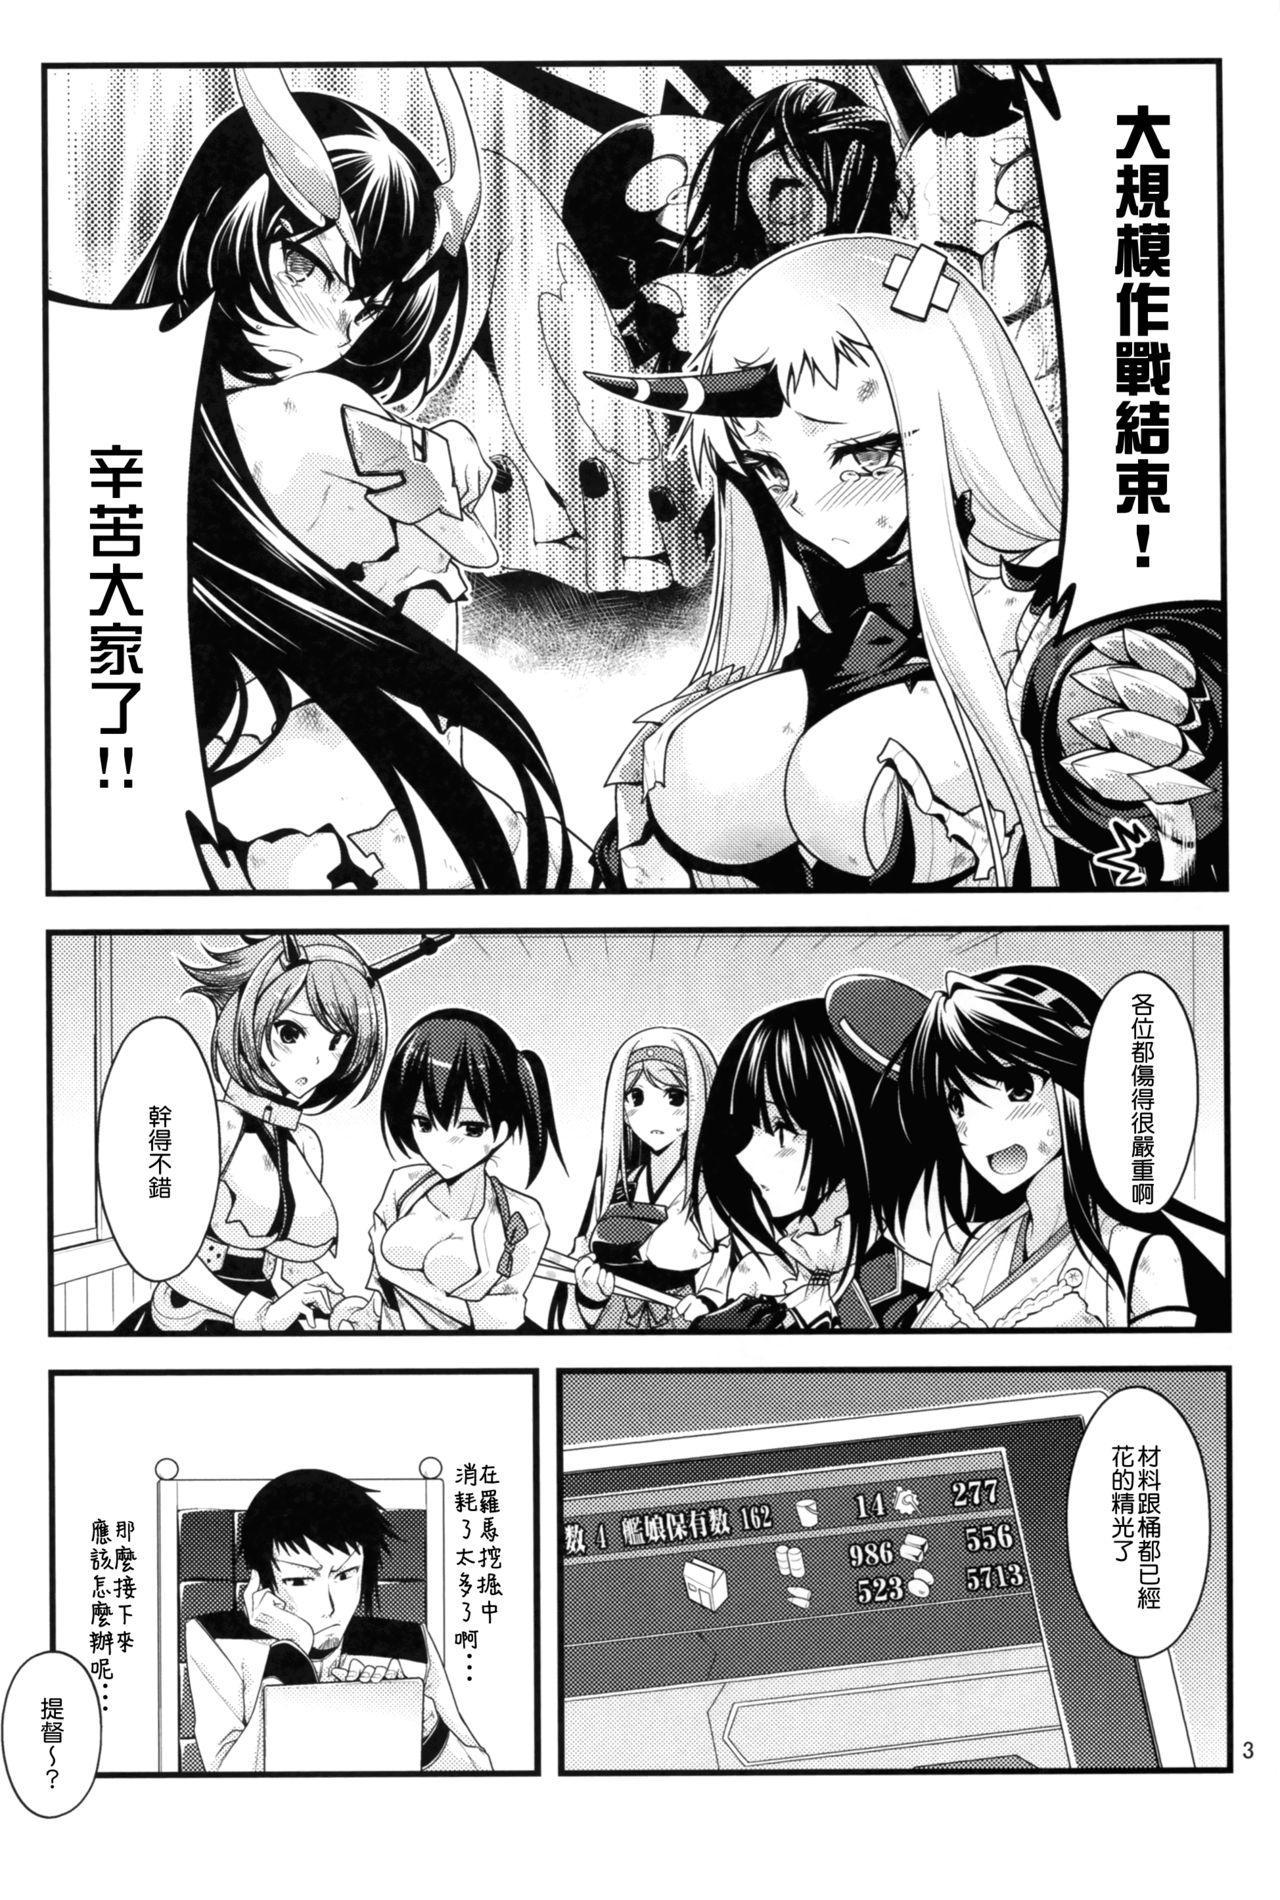 Atago-neesan to Hokyuu o Isshuukan 3